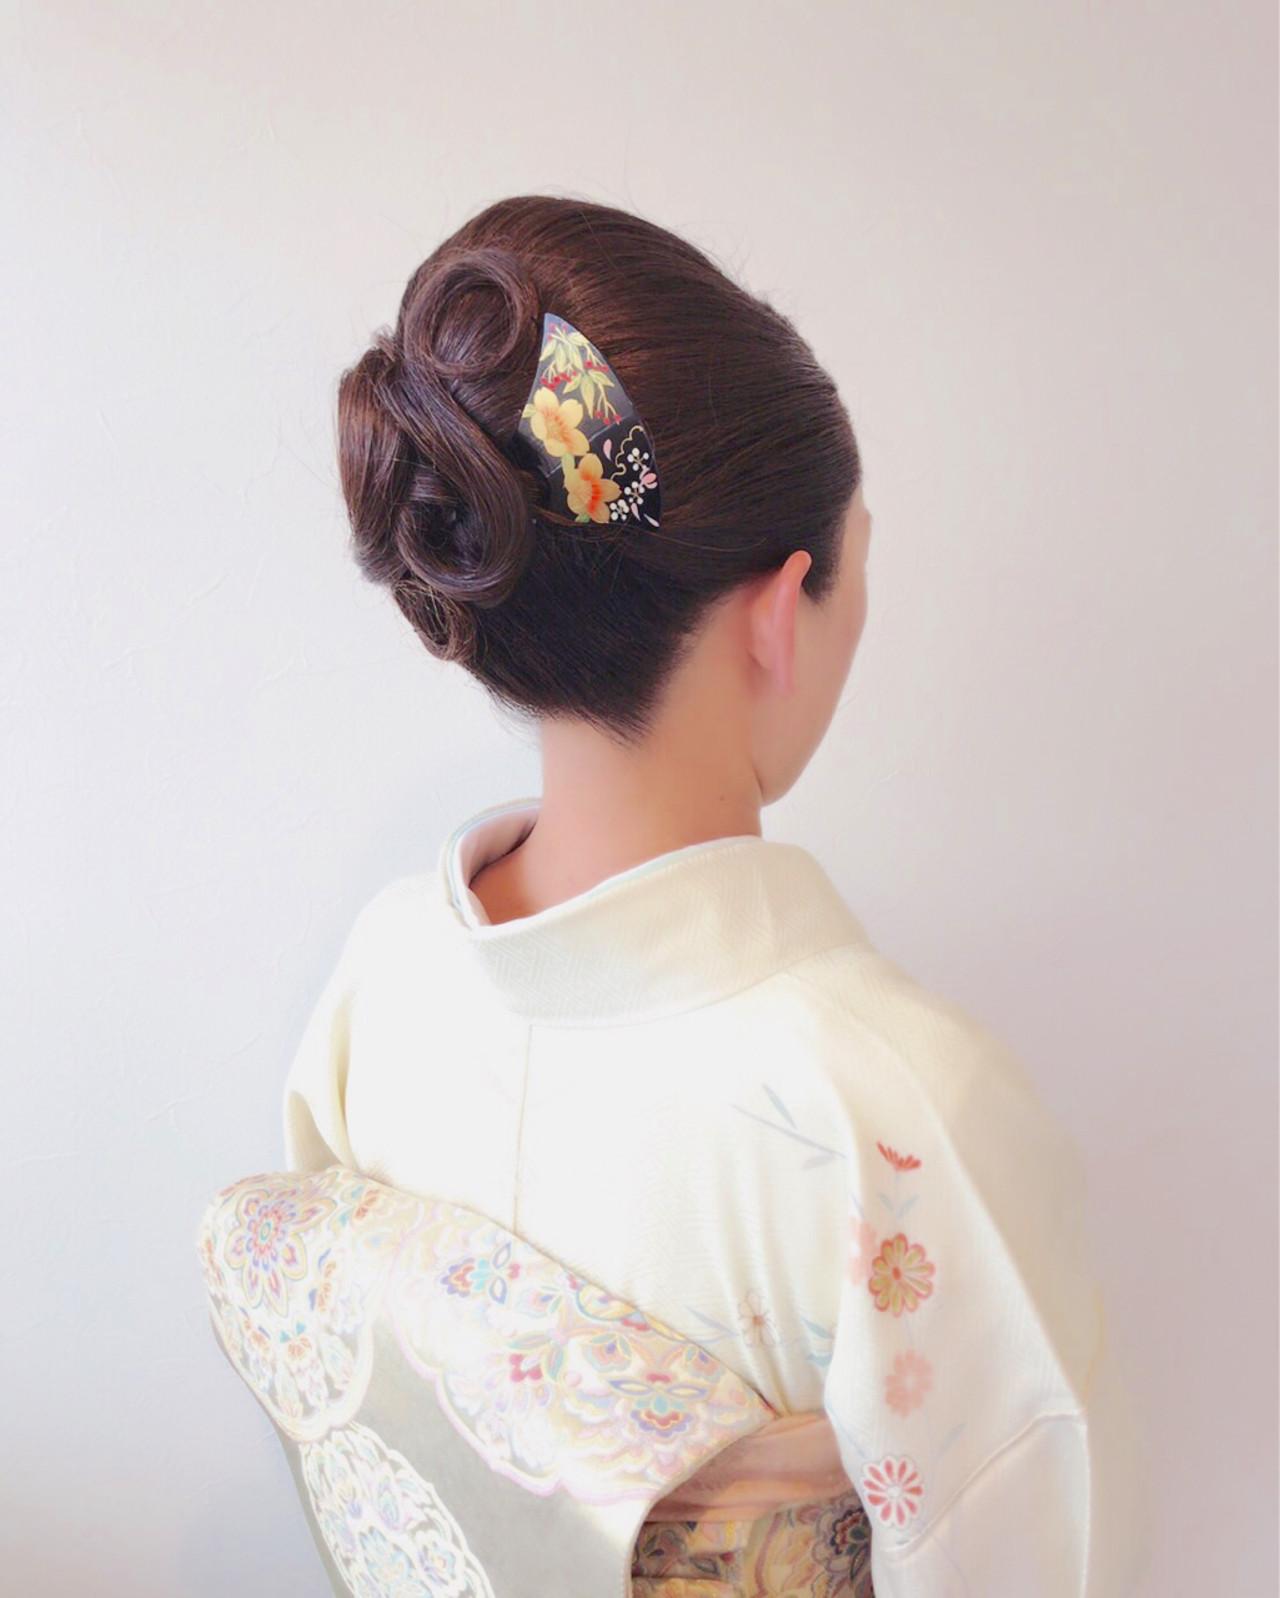 ロング エレガント アップスタイル ヘアアレンジ ヘアスタイルや髪型の写真・画像